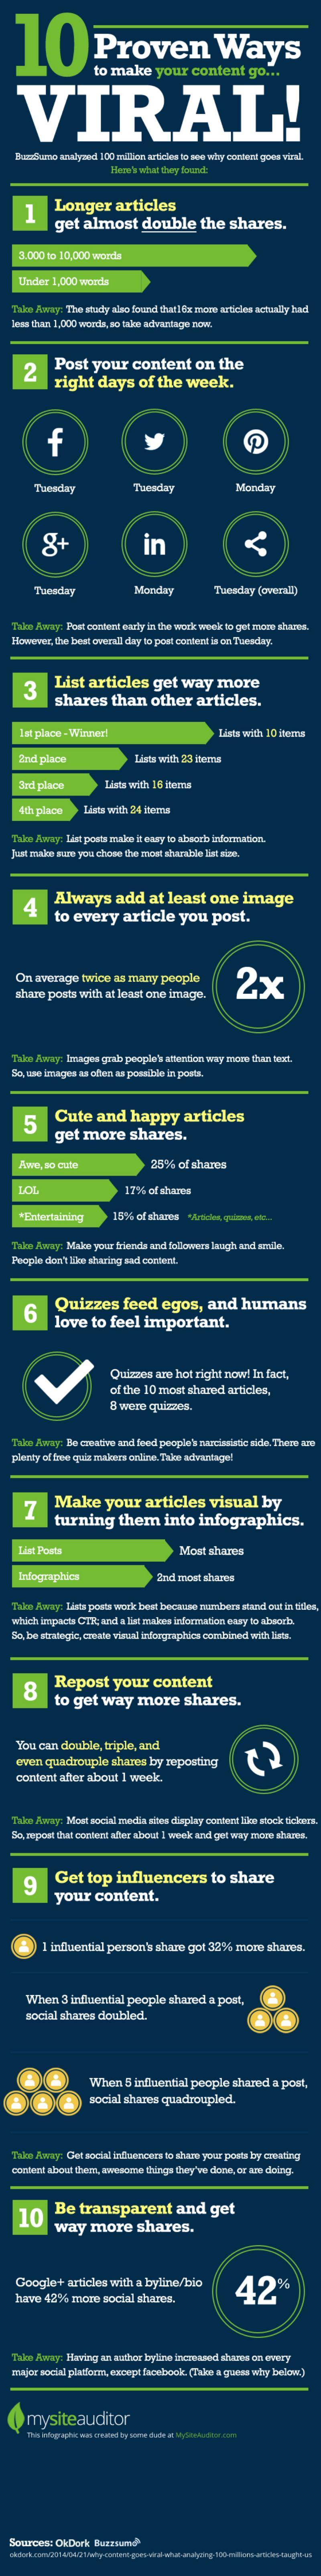 Las 10 fórmulas para hacer más virales tus contenidos (infografía)